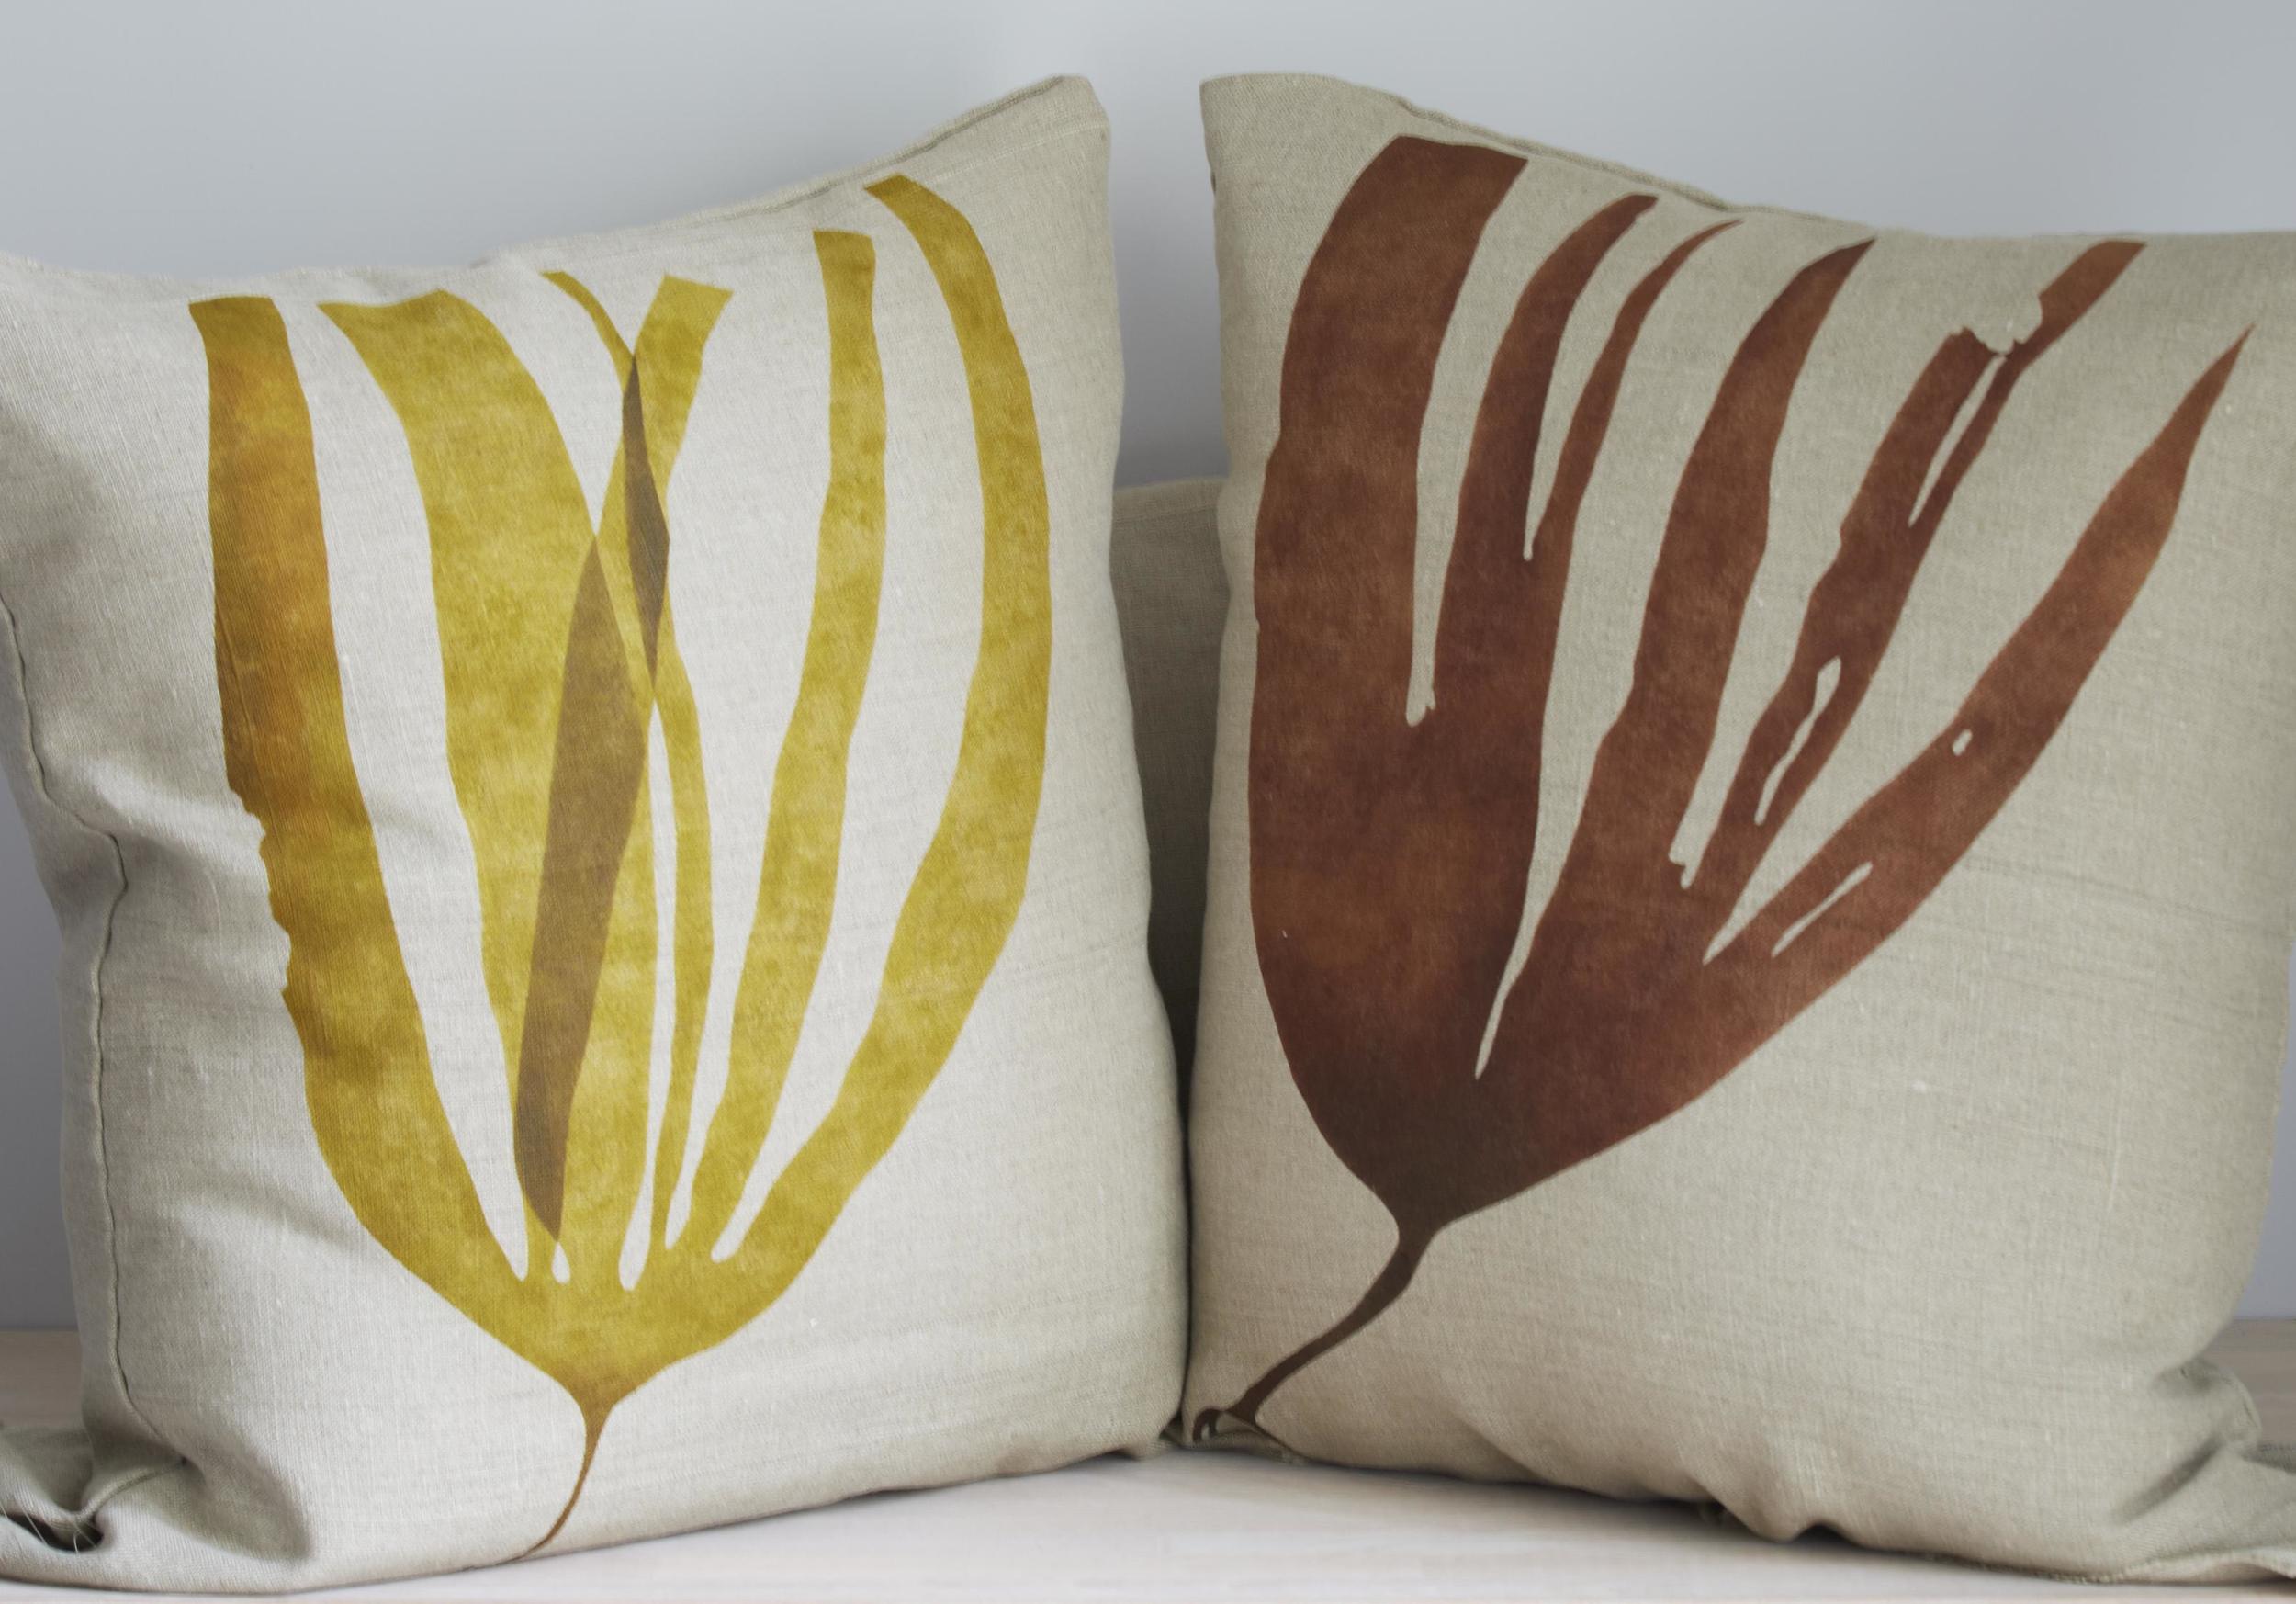 Seaweed cushions © Francesca Chalk